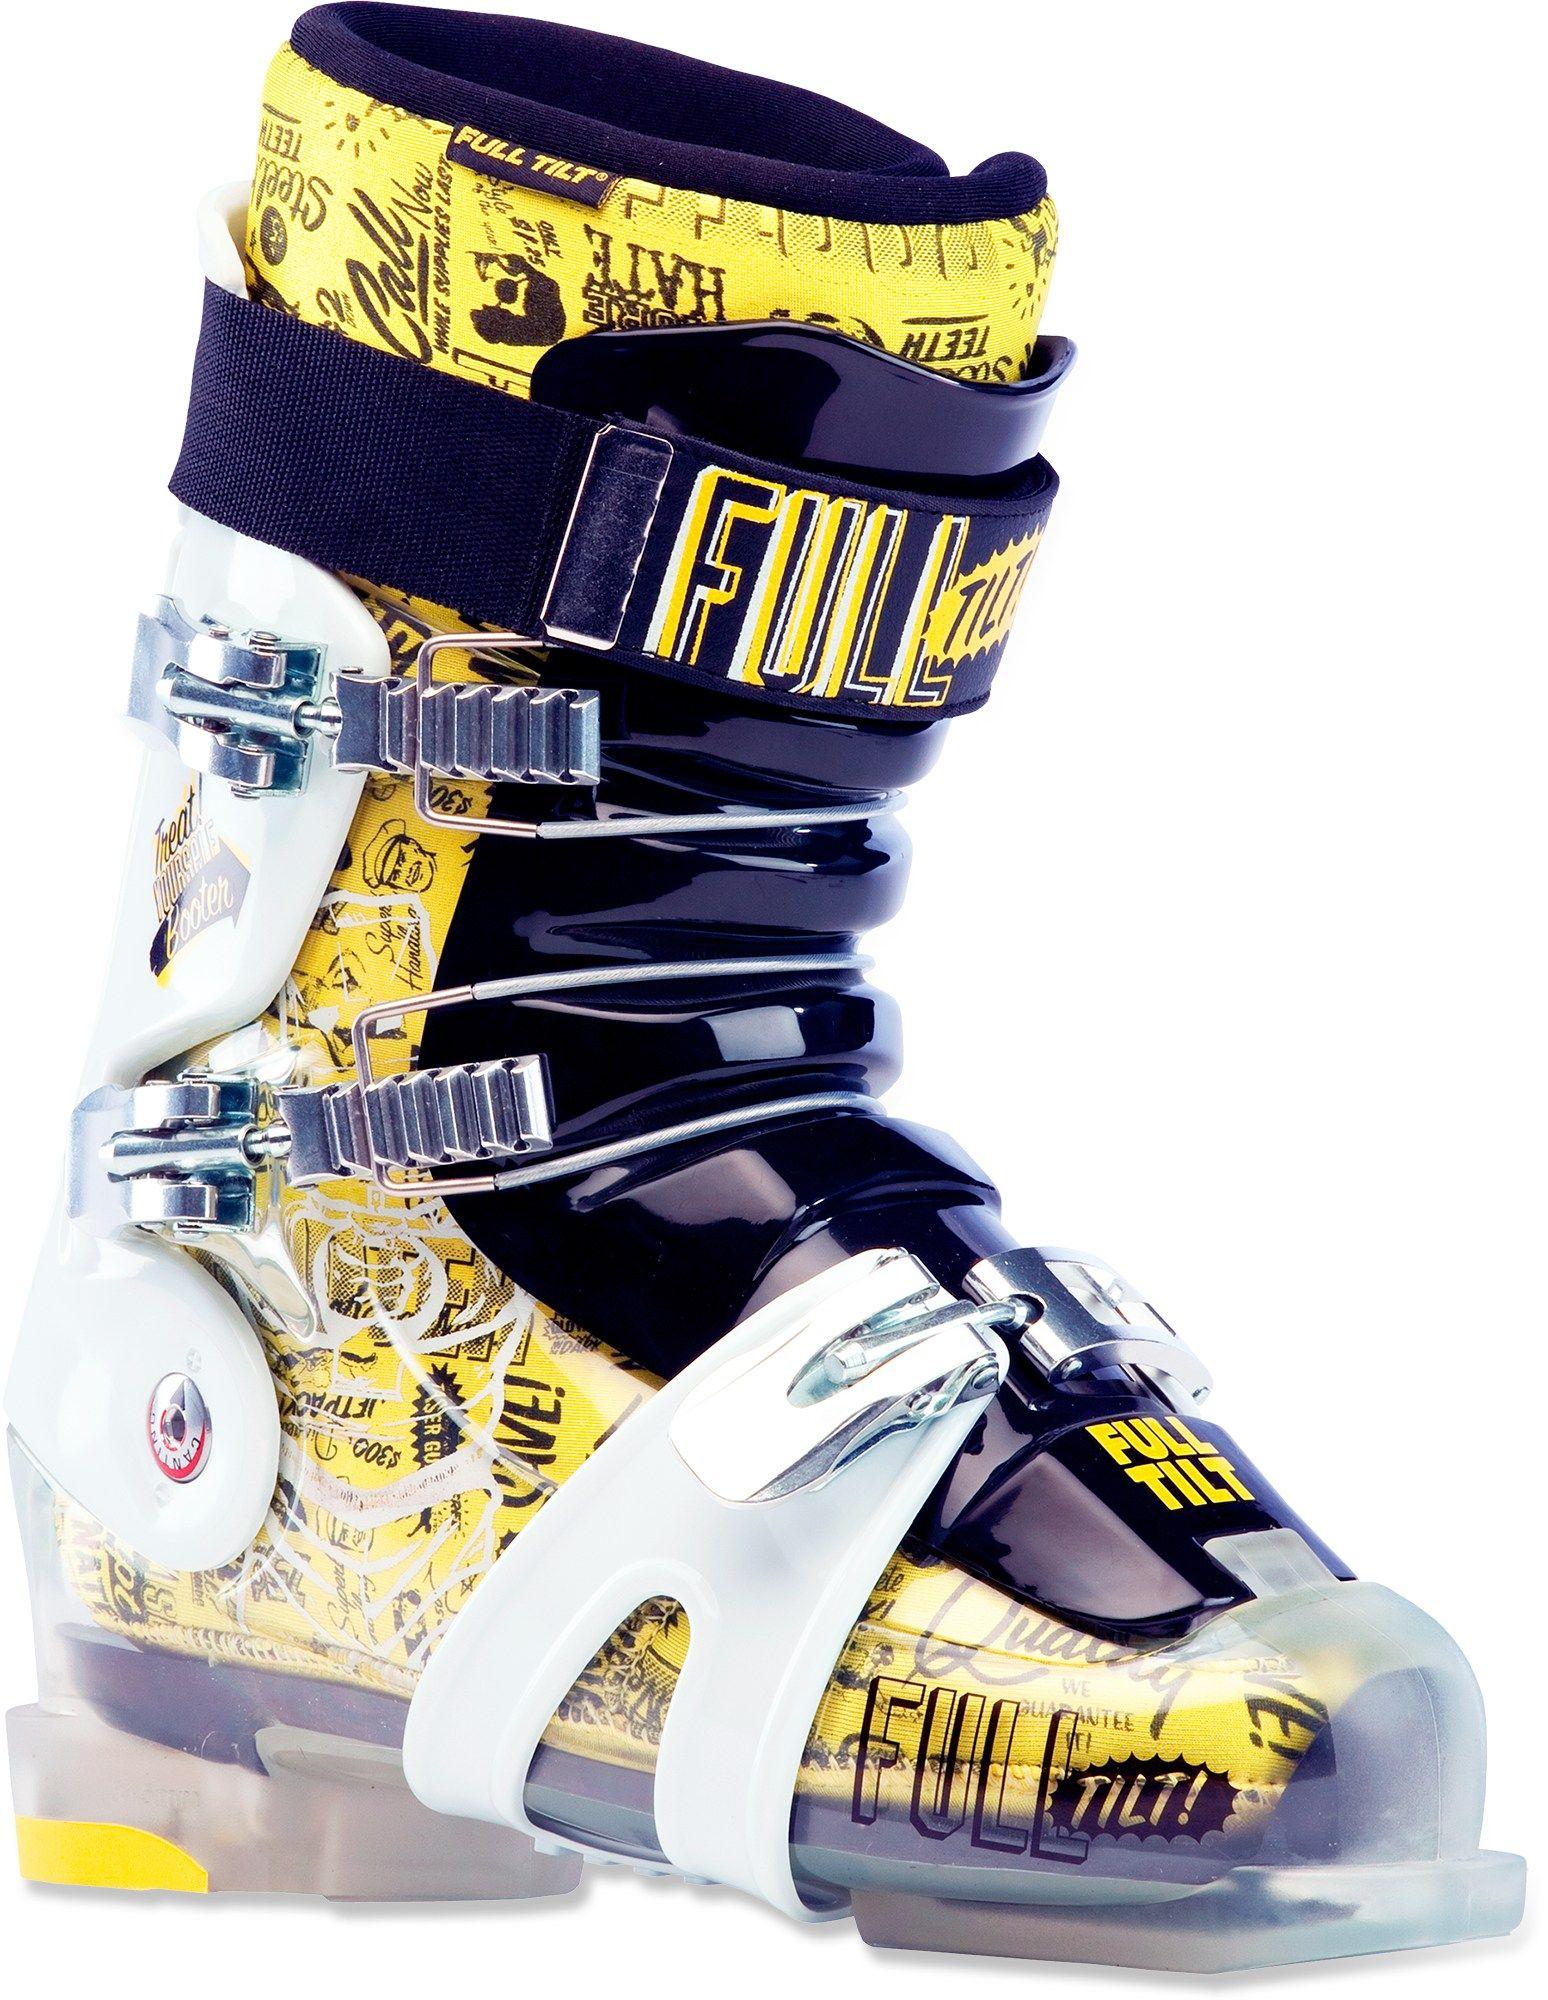 Full Tilt Booter Ski Boots Men's 2012/2013 Ski boots